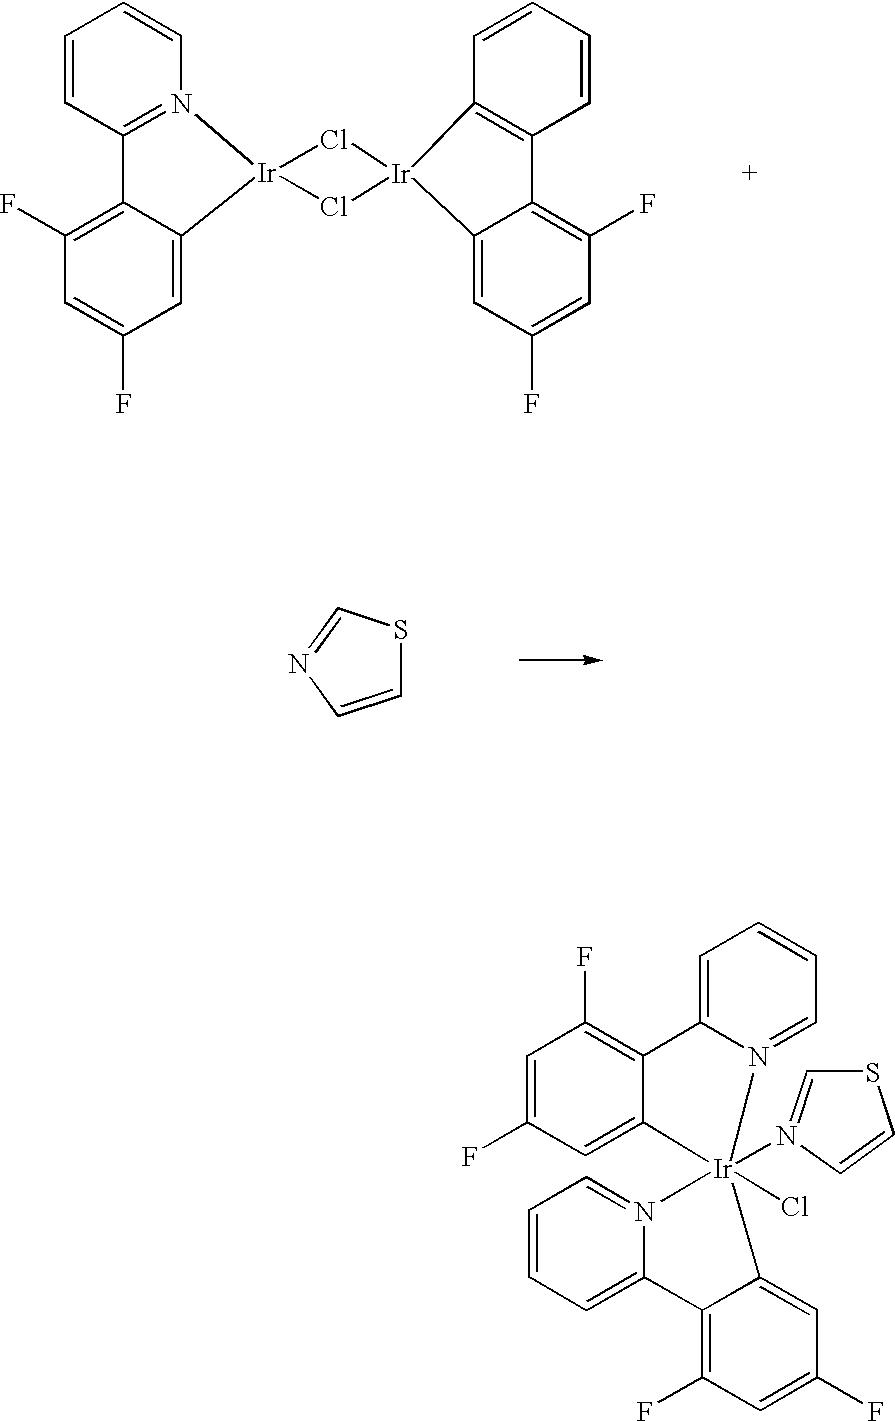 Figure US20050112406A1-20050526-C00020